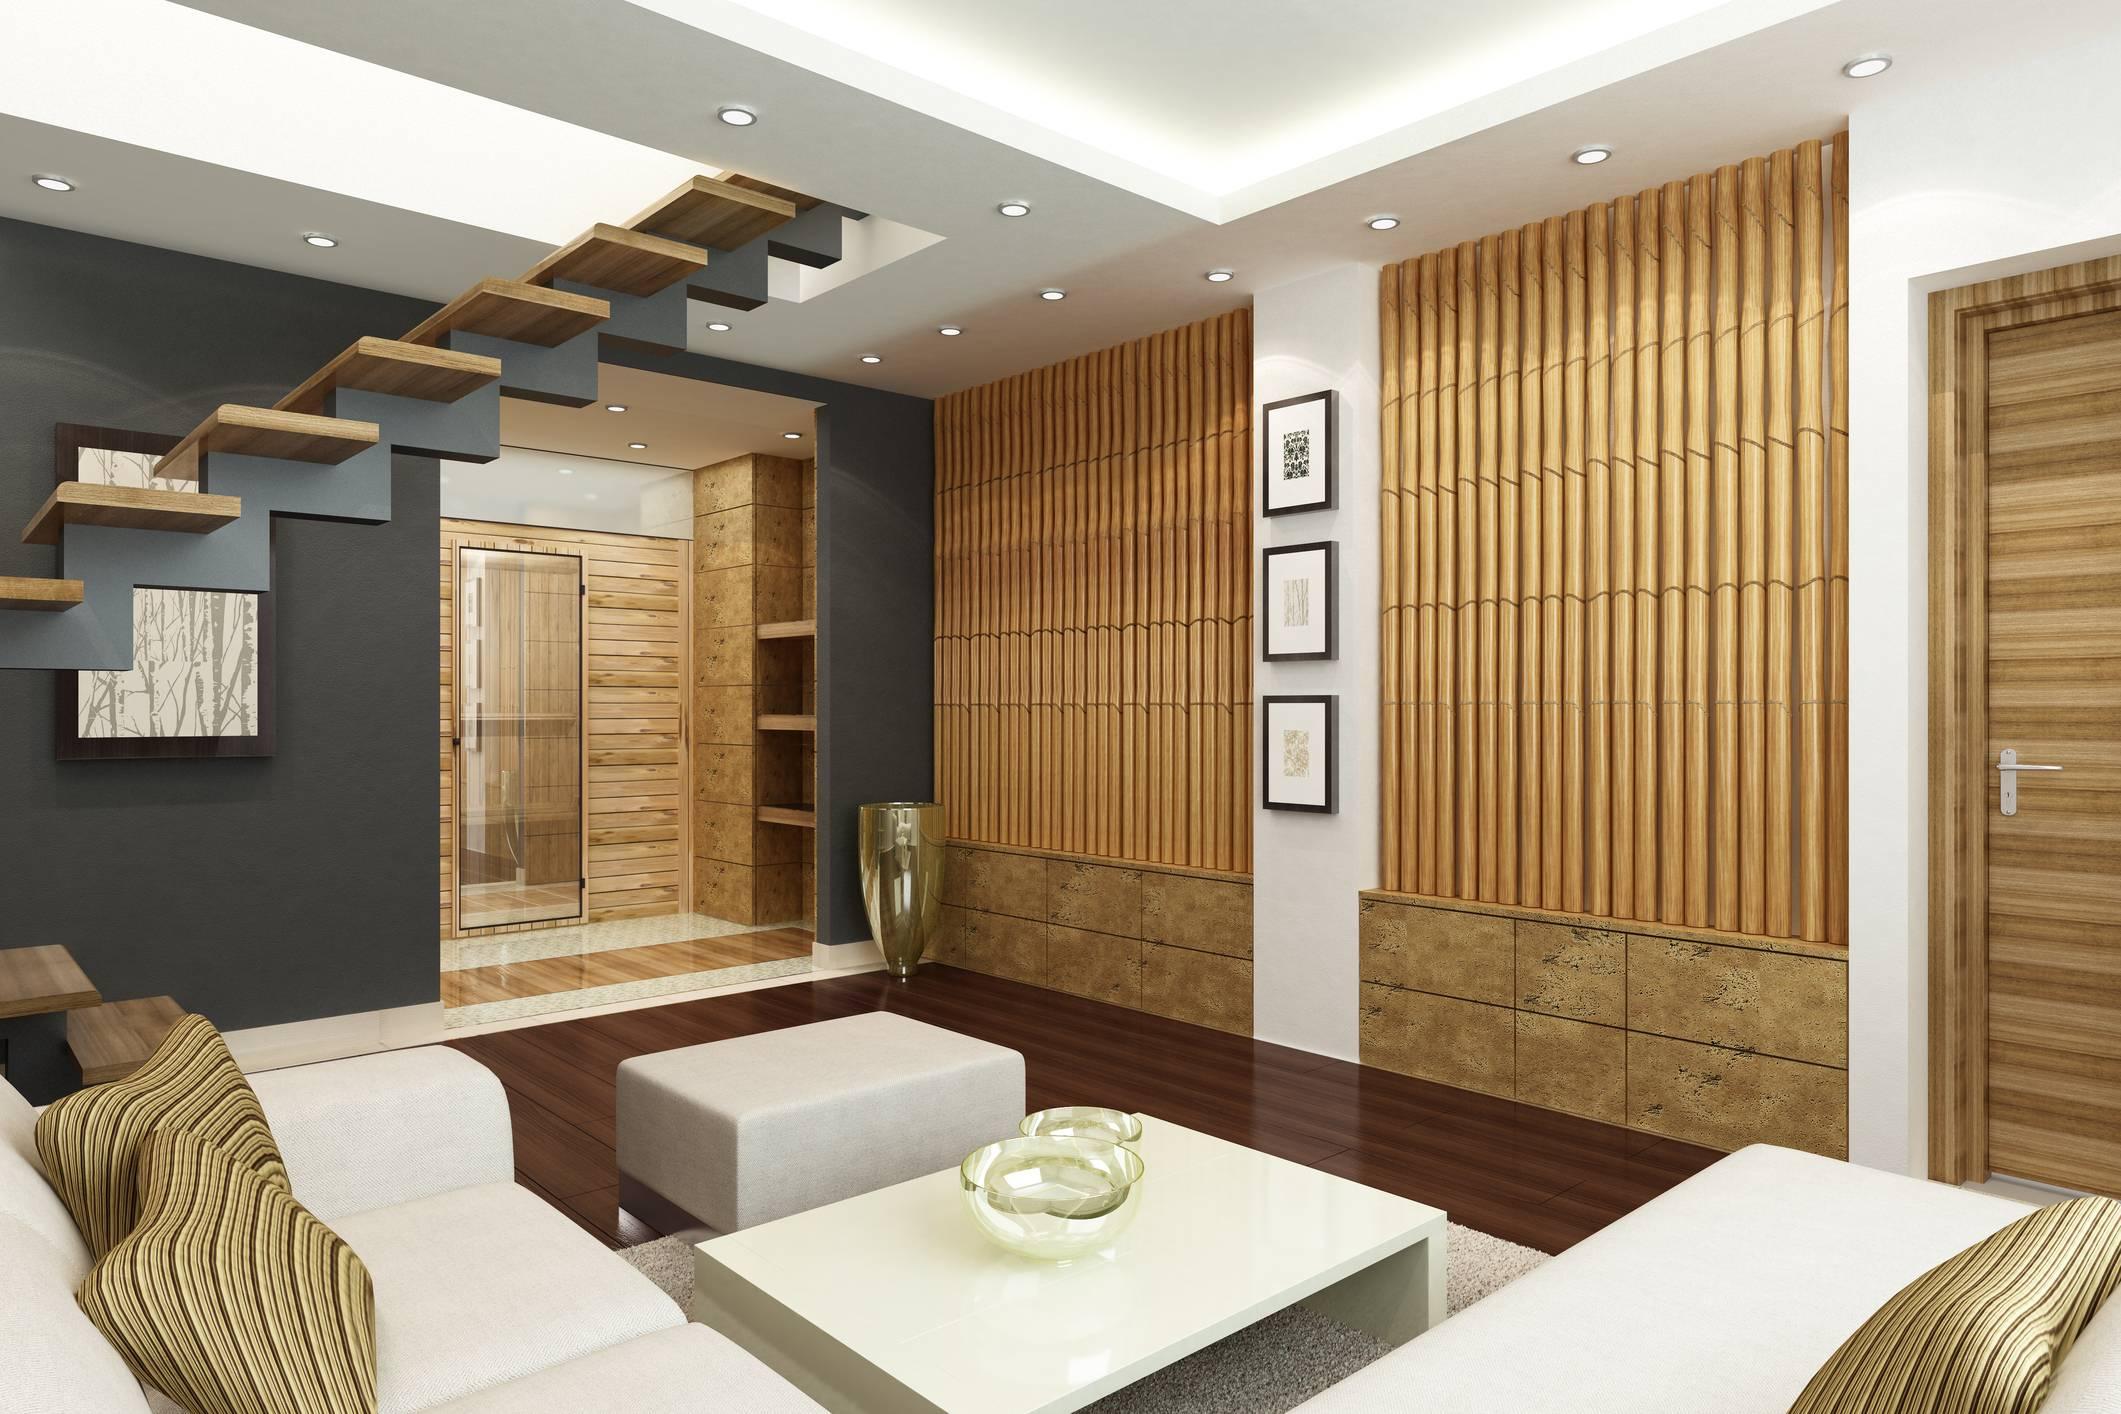 2121x1414 Modern Living Room